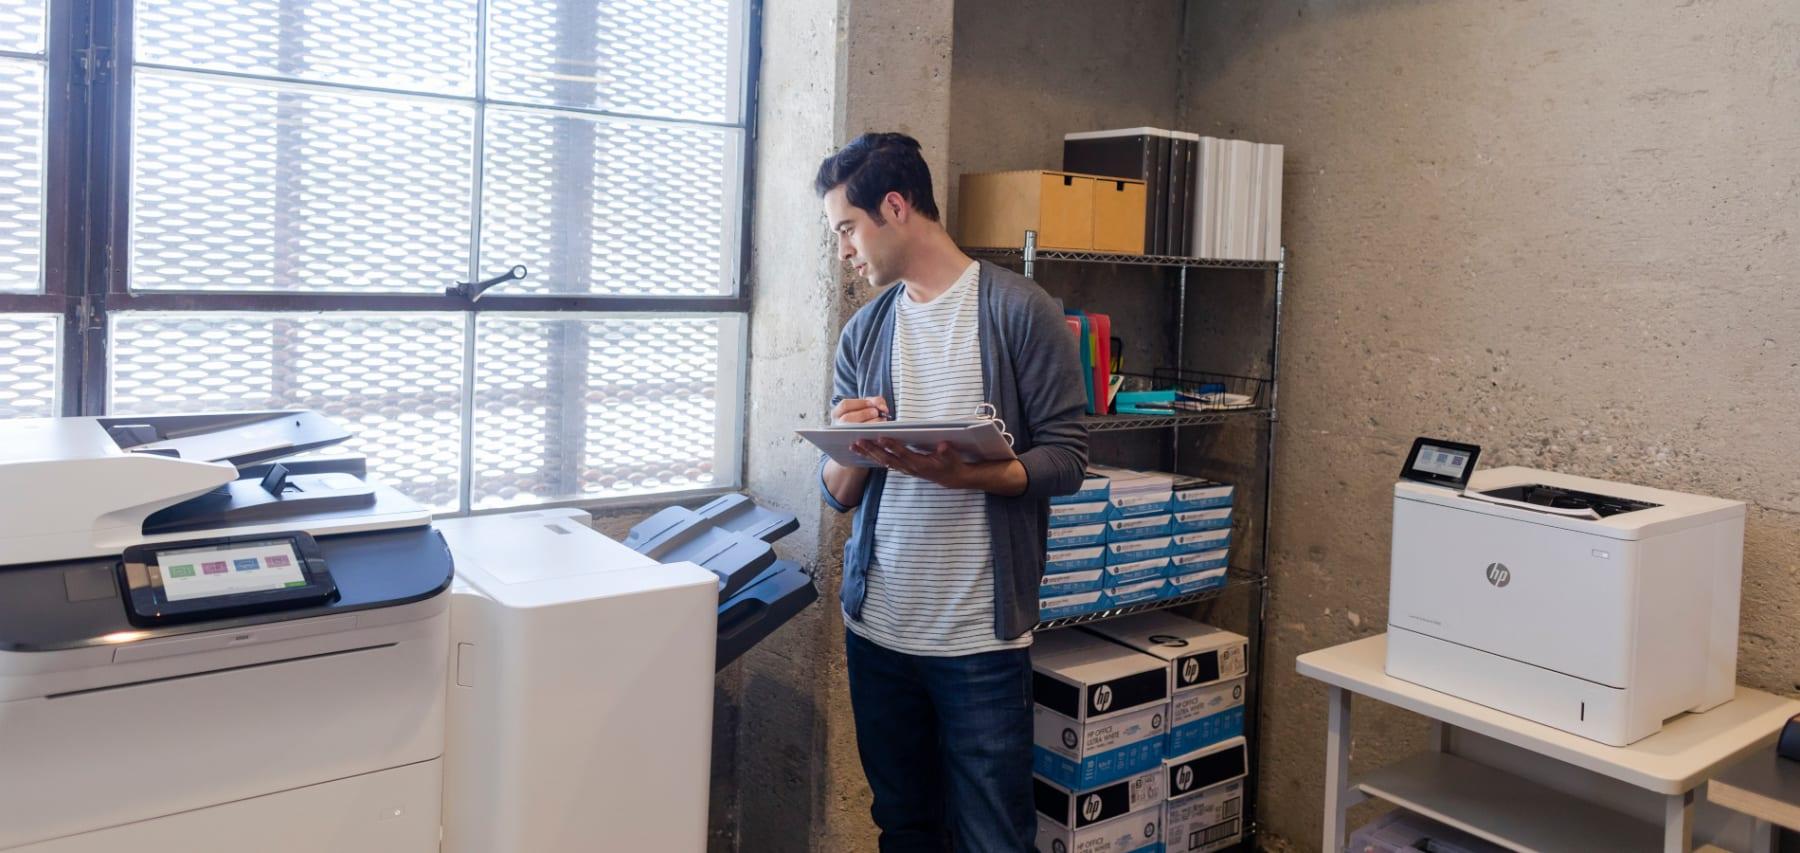 Kopierer leasen - mehr als eine Alternative